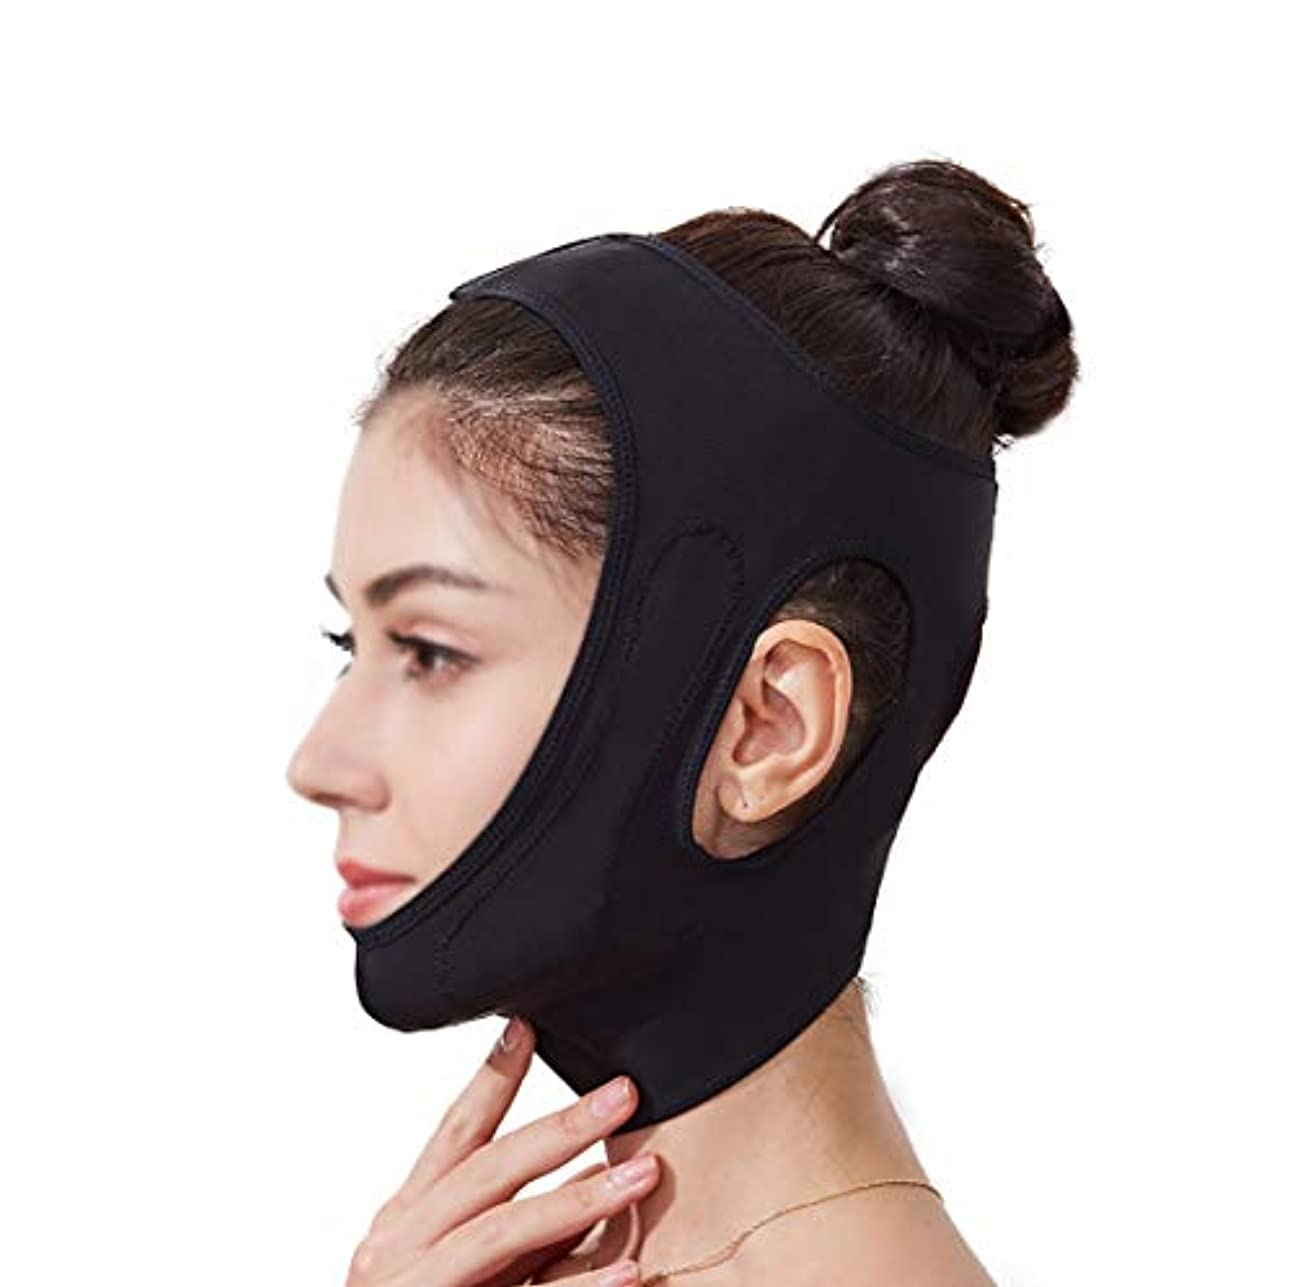 関係する狂うデザイナーLJK フェイスリフティングマスク、360°オールラウンドリフティングフェイシャルコンター、あごを閉じて肌を引き締め、快適でフェイスライトと通気性をサポート (Color : Black)